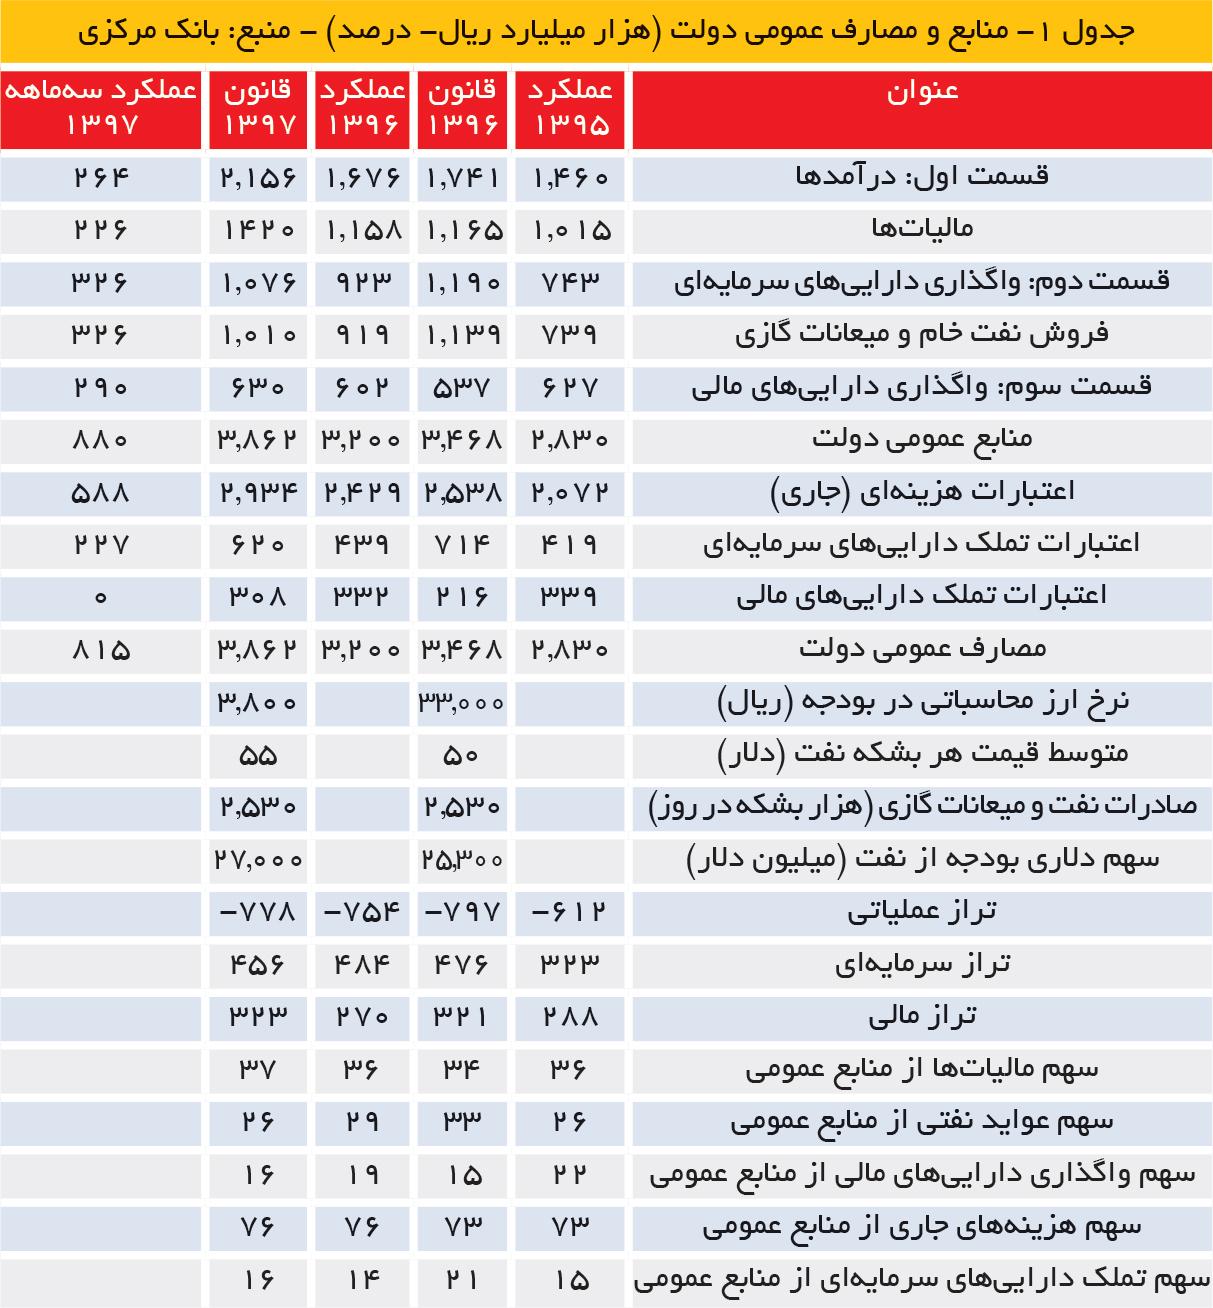 تجارت فردا- جدول 1- منابع و مصارف عمومی دولت (هزار میلیارد ریال- درصد) - منبع: بانک مرکزی